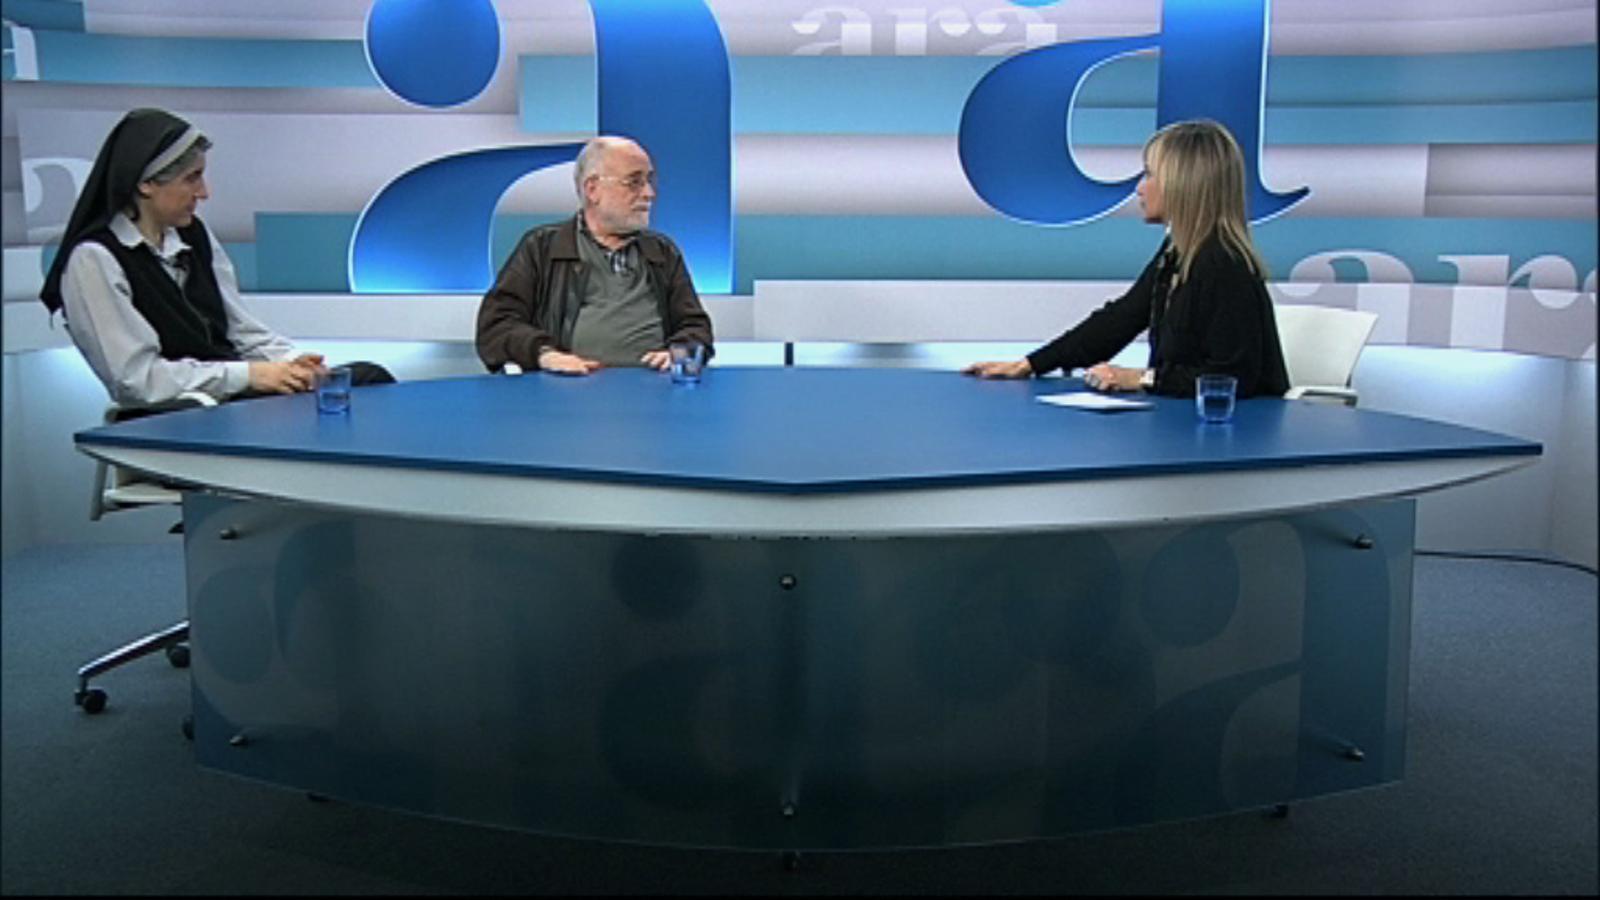 Arcadi Oliveres i Teresa Forcades: O ens posem en marxa a partir de l'11-S o adéu-siau!